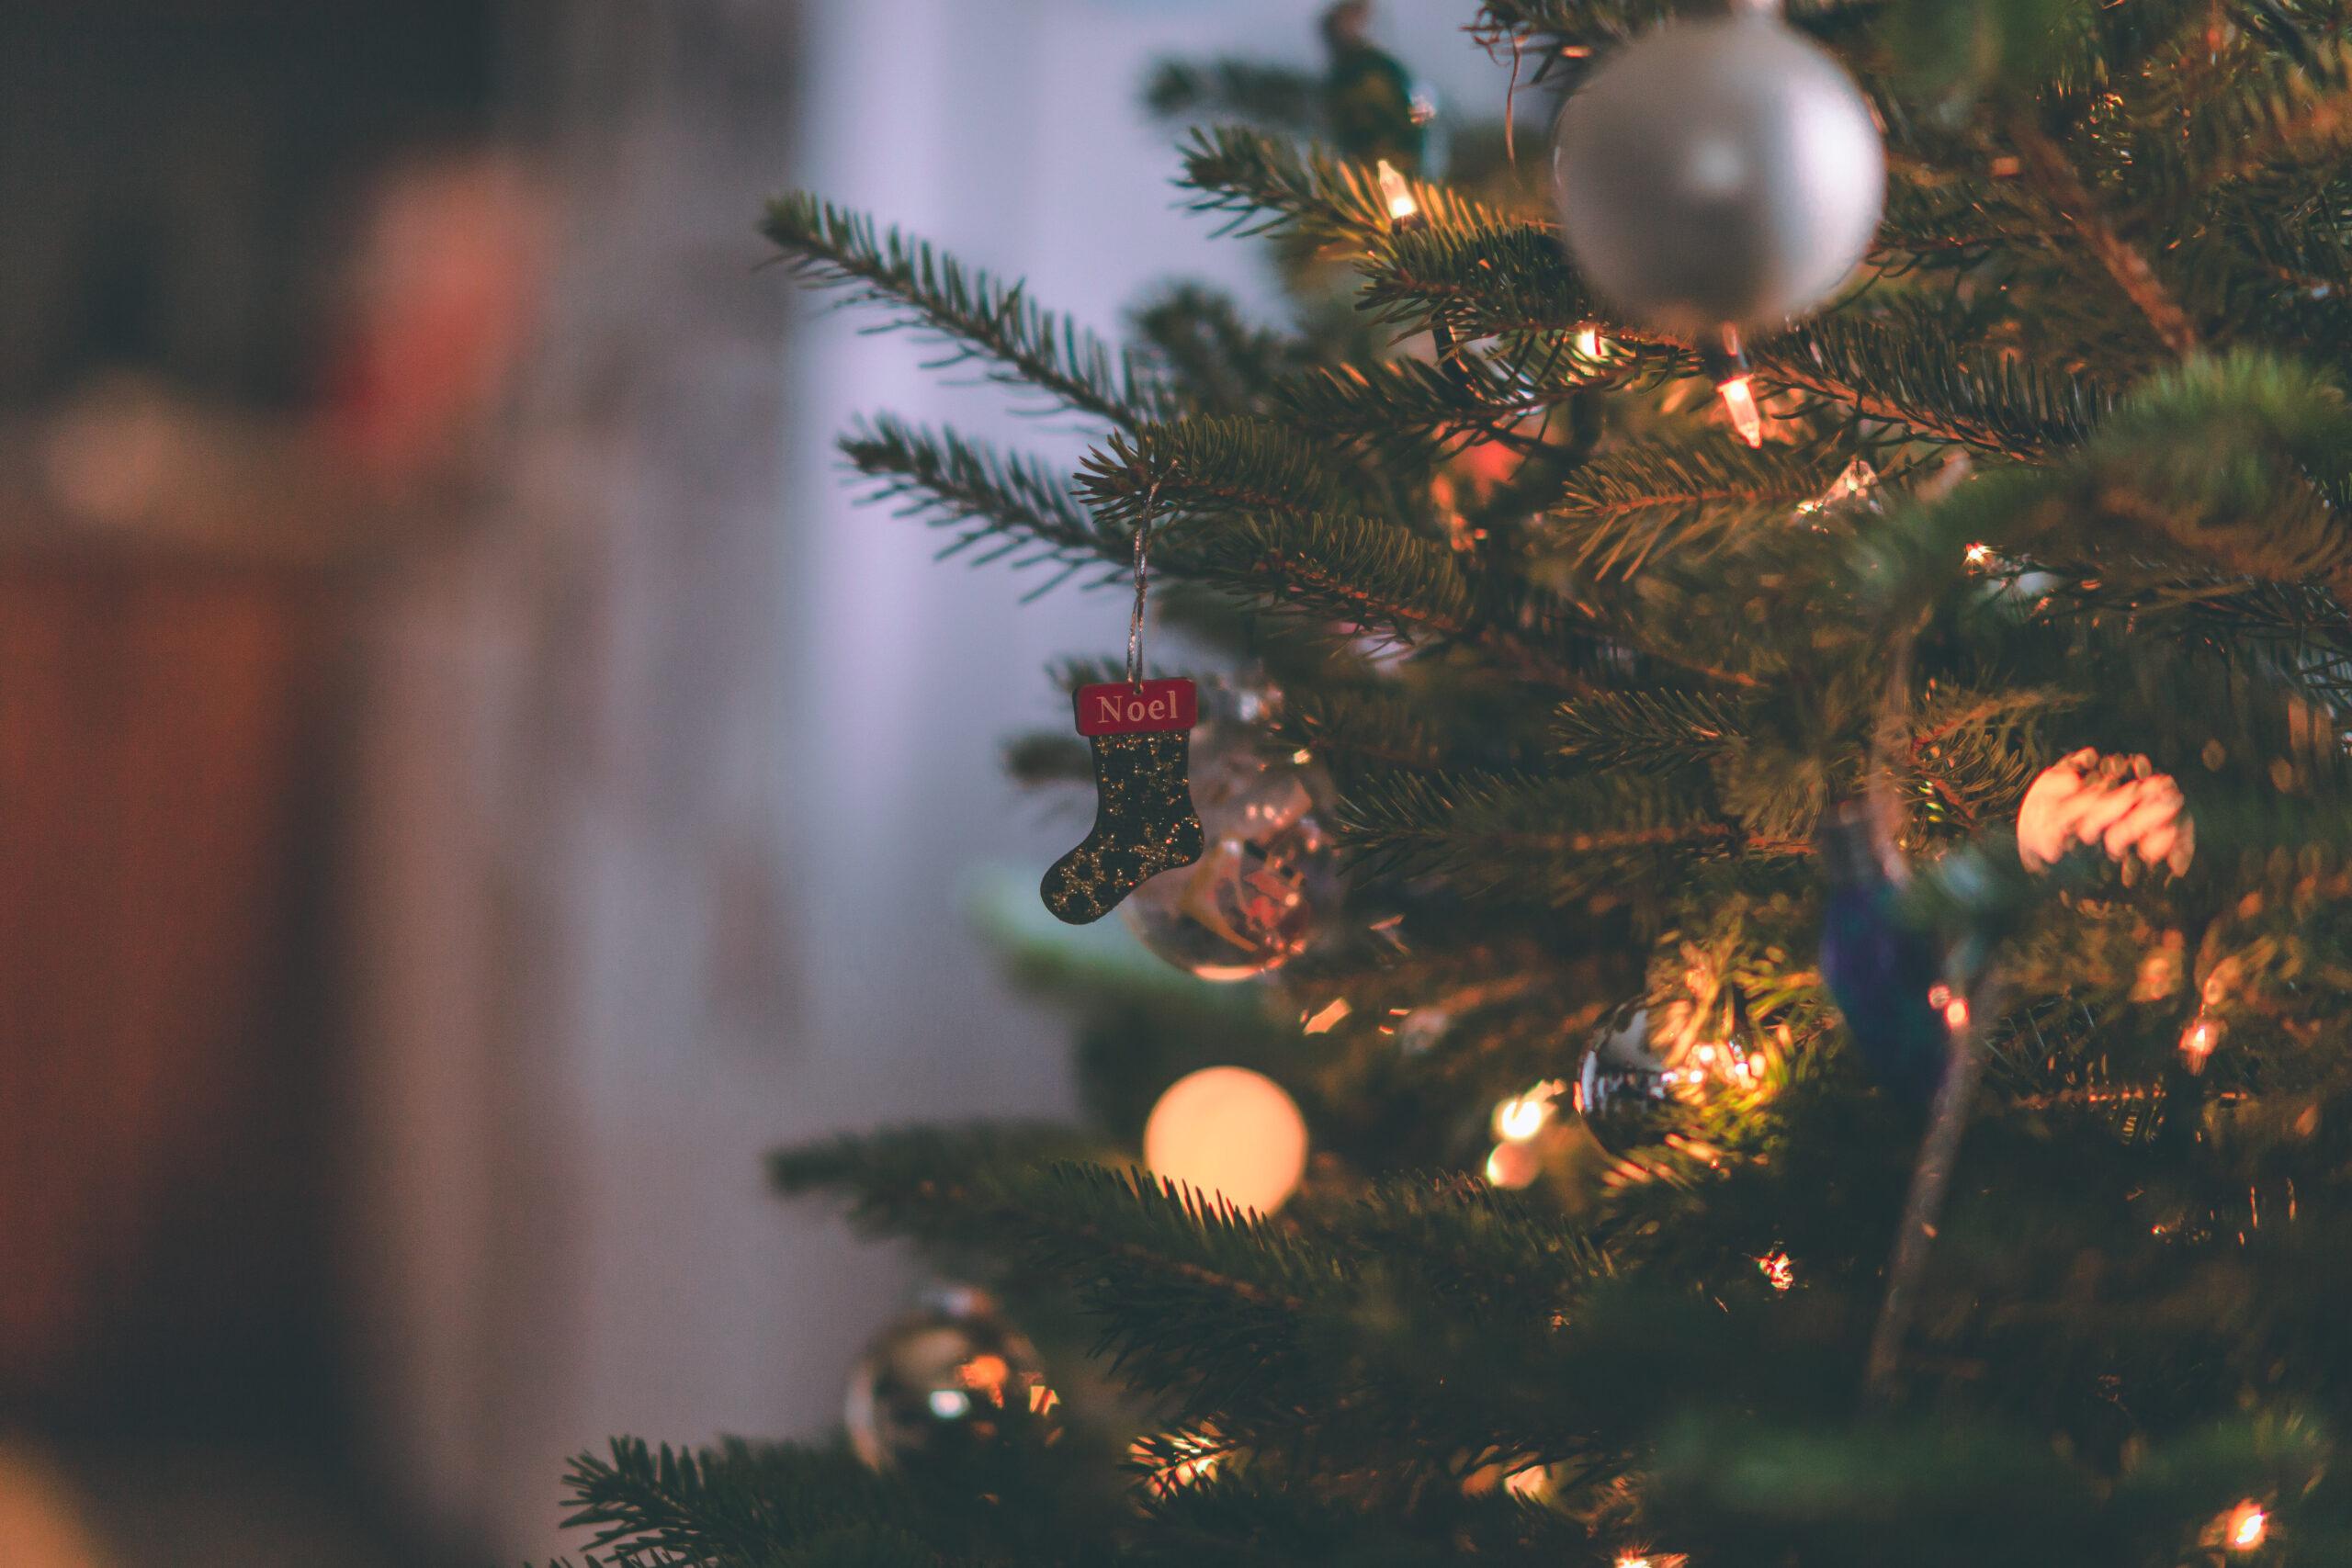 Noël personnalisé